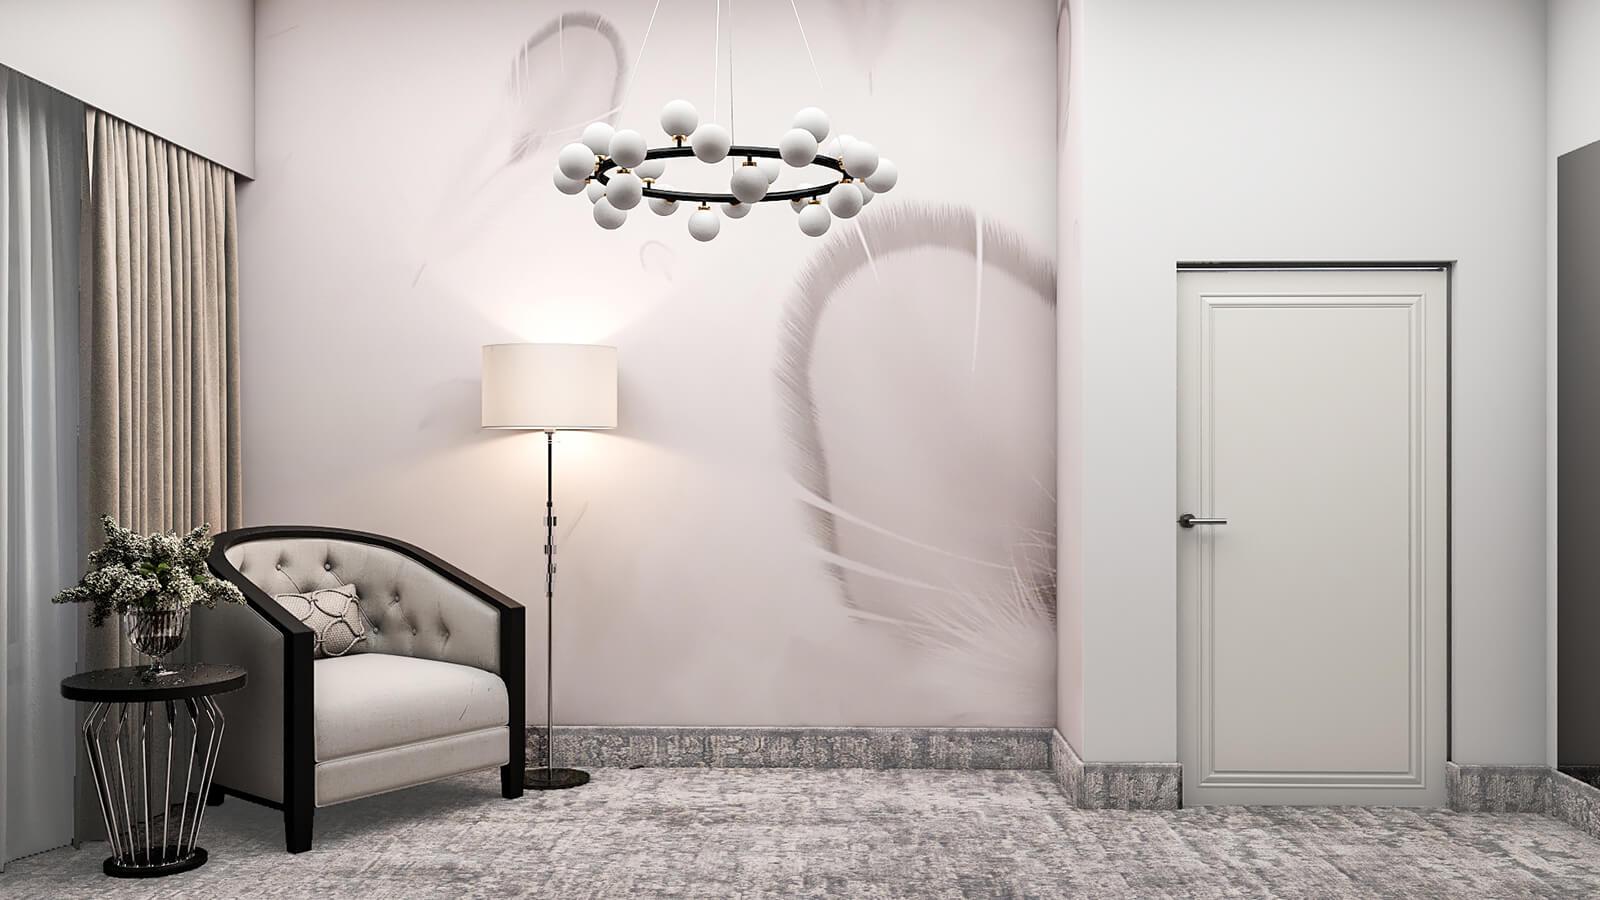 interioren-dizain-na-kashta-proekt-na-garderobna